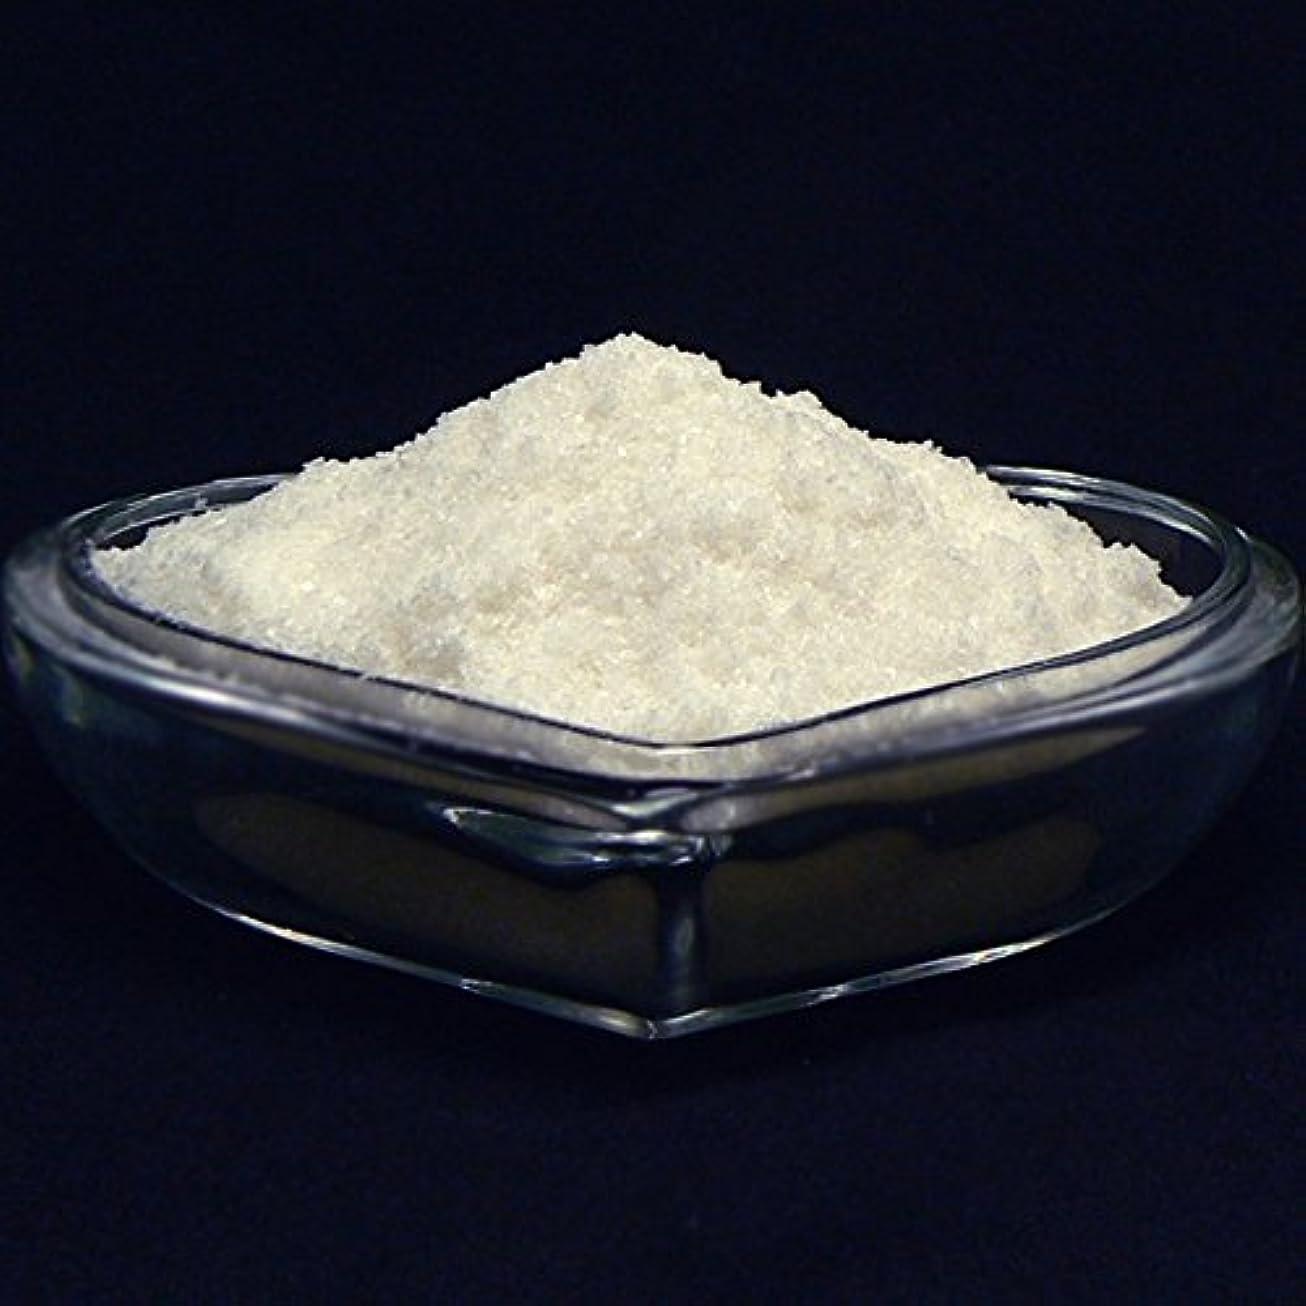 前売格差廃棄ヒマラヤ岩塩 クリスタルソルト 入浴用 バスソルト(パウダー)白岩塩 (1kg+250g増量)